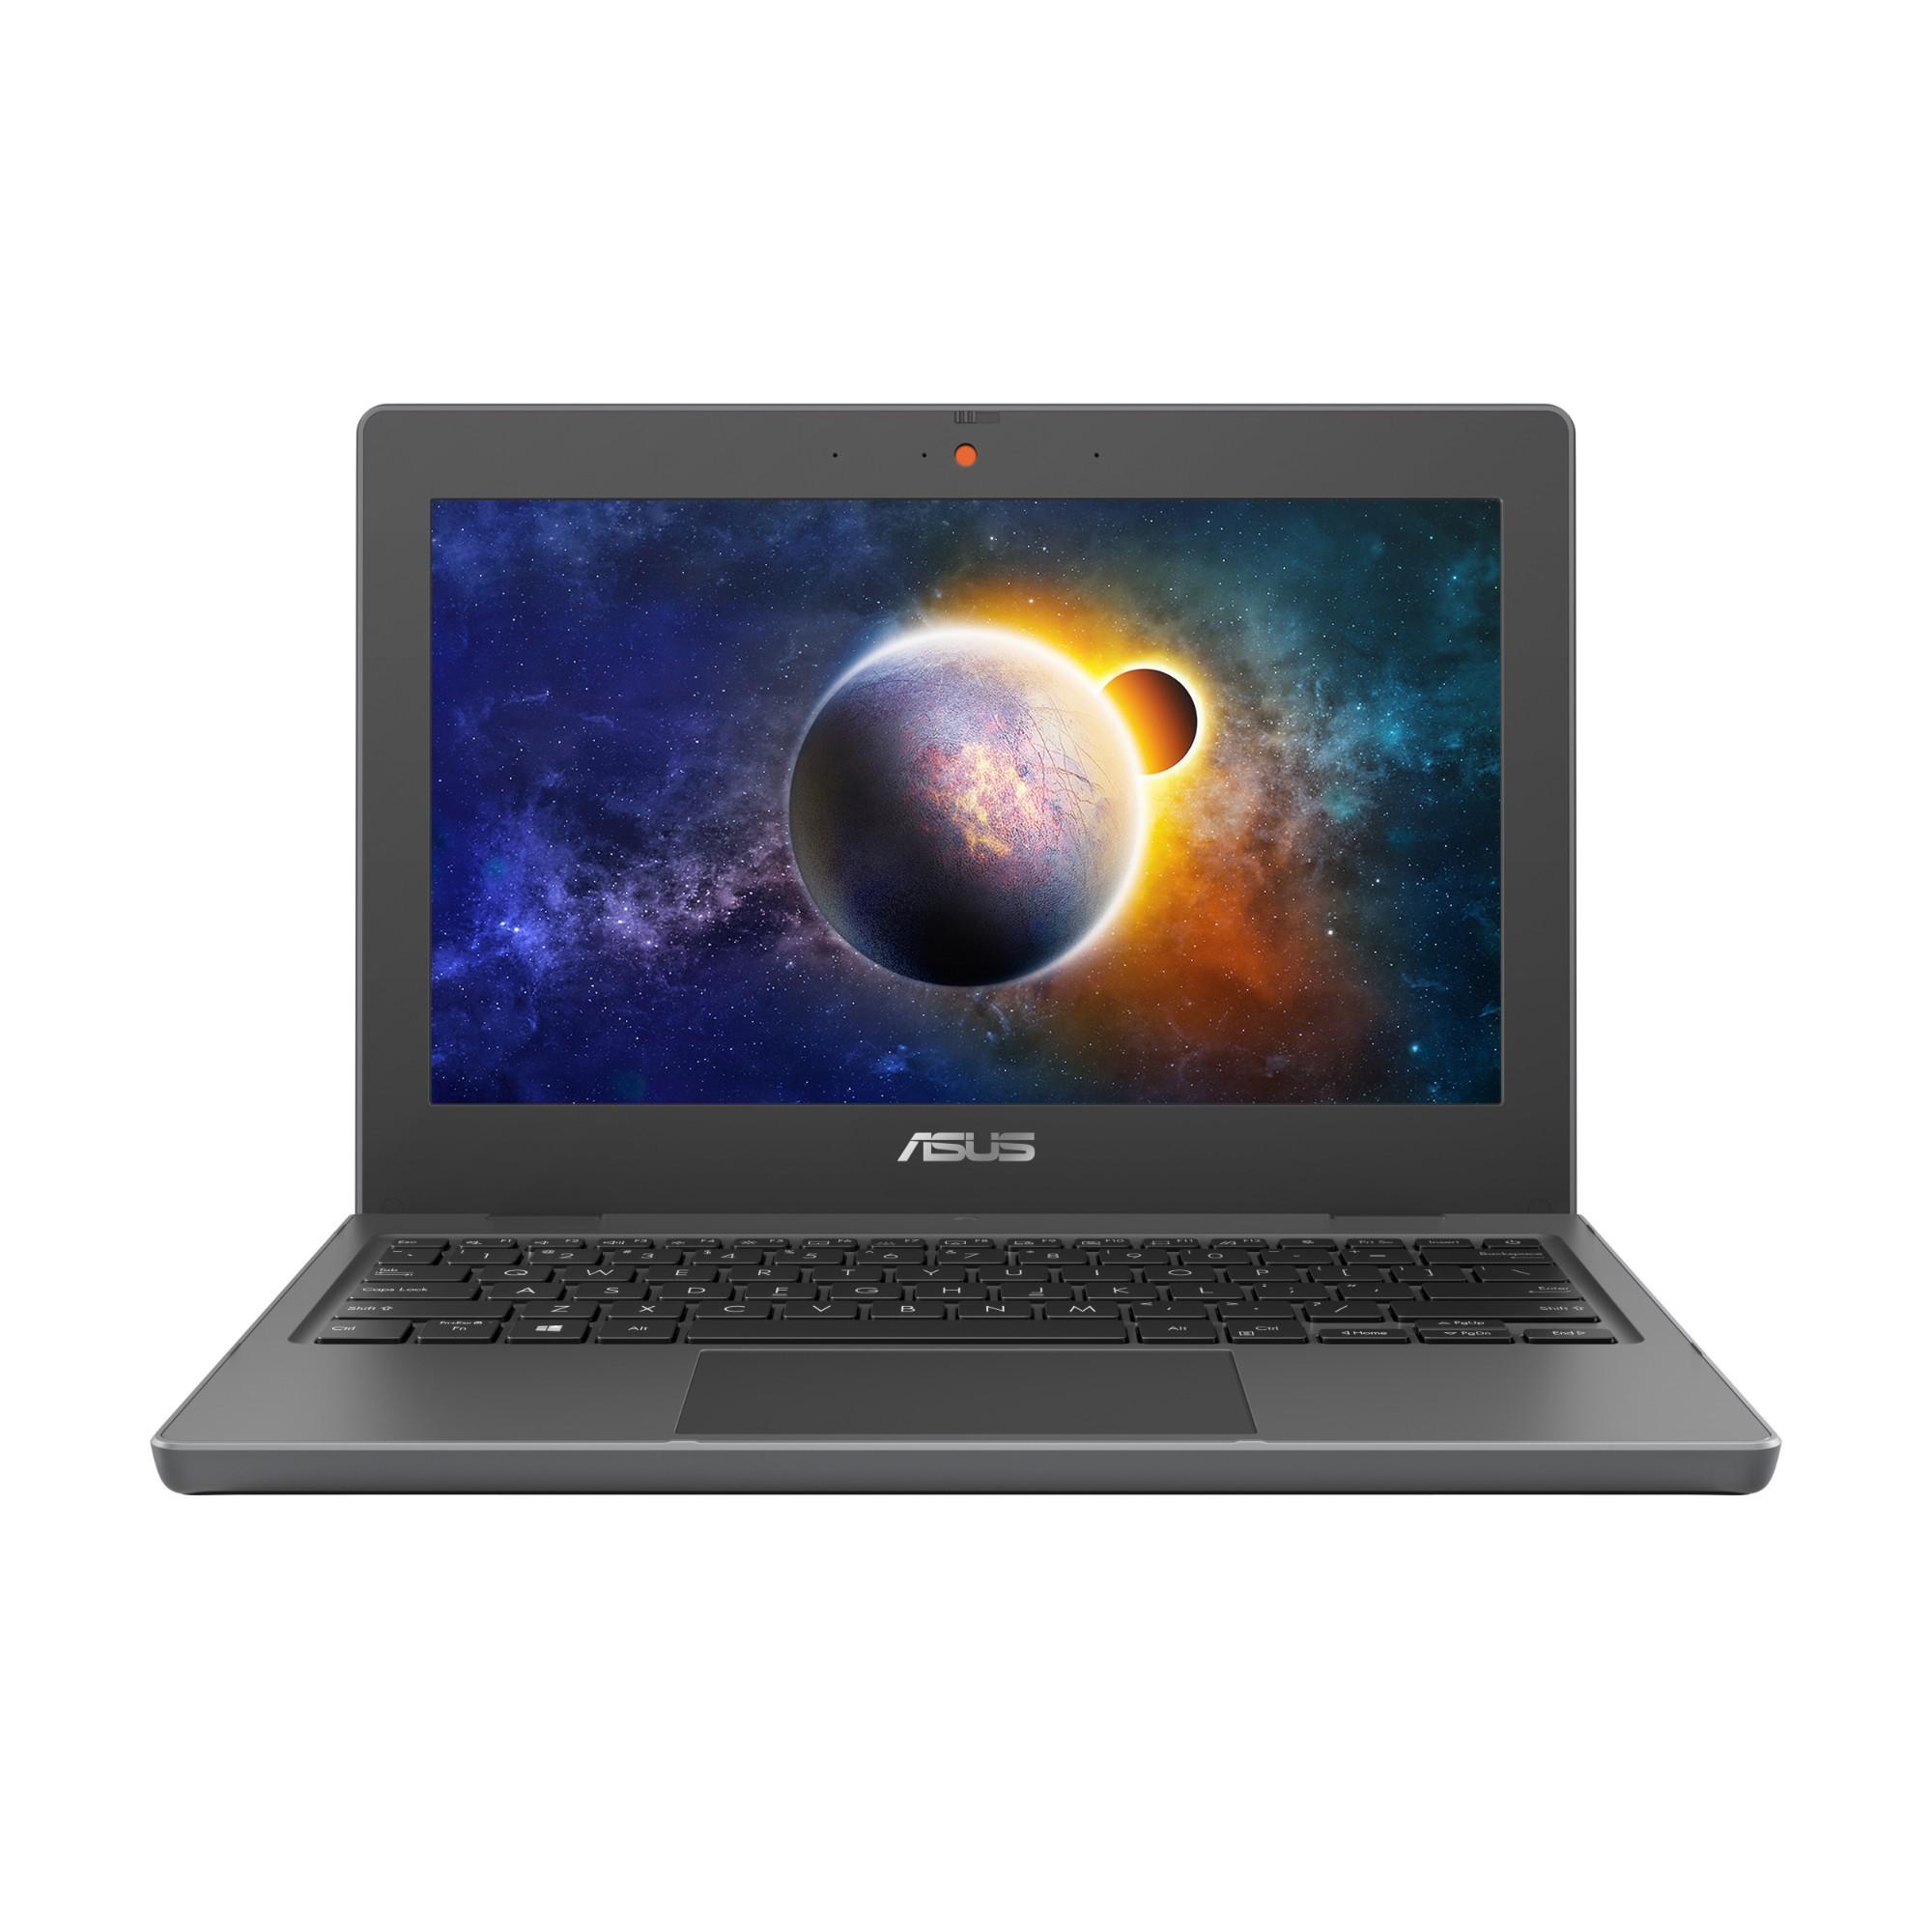 """ASUS BR1100CKA-GJ0289RA-3Y DDR4-SDRAM Notebook 29.5 cm (11.6"""") 1366 x 768 pixels Intel® Celeron® N 4 GB 64 GB eMMC Wi-Fi 6 (802.11ax) Windows 10 Pro Grey"""